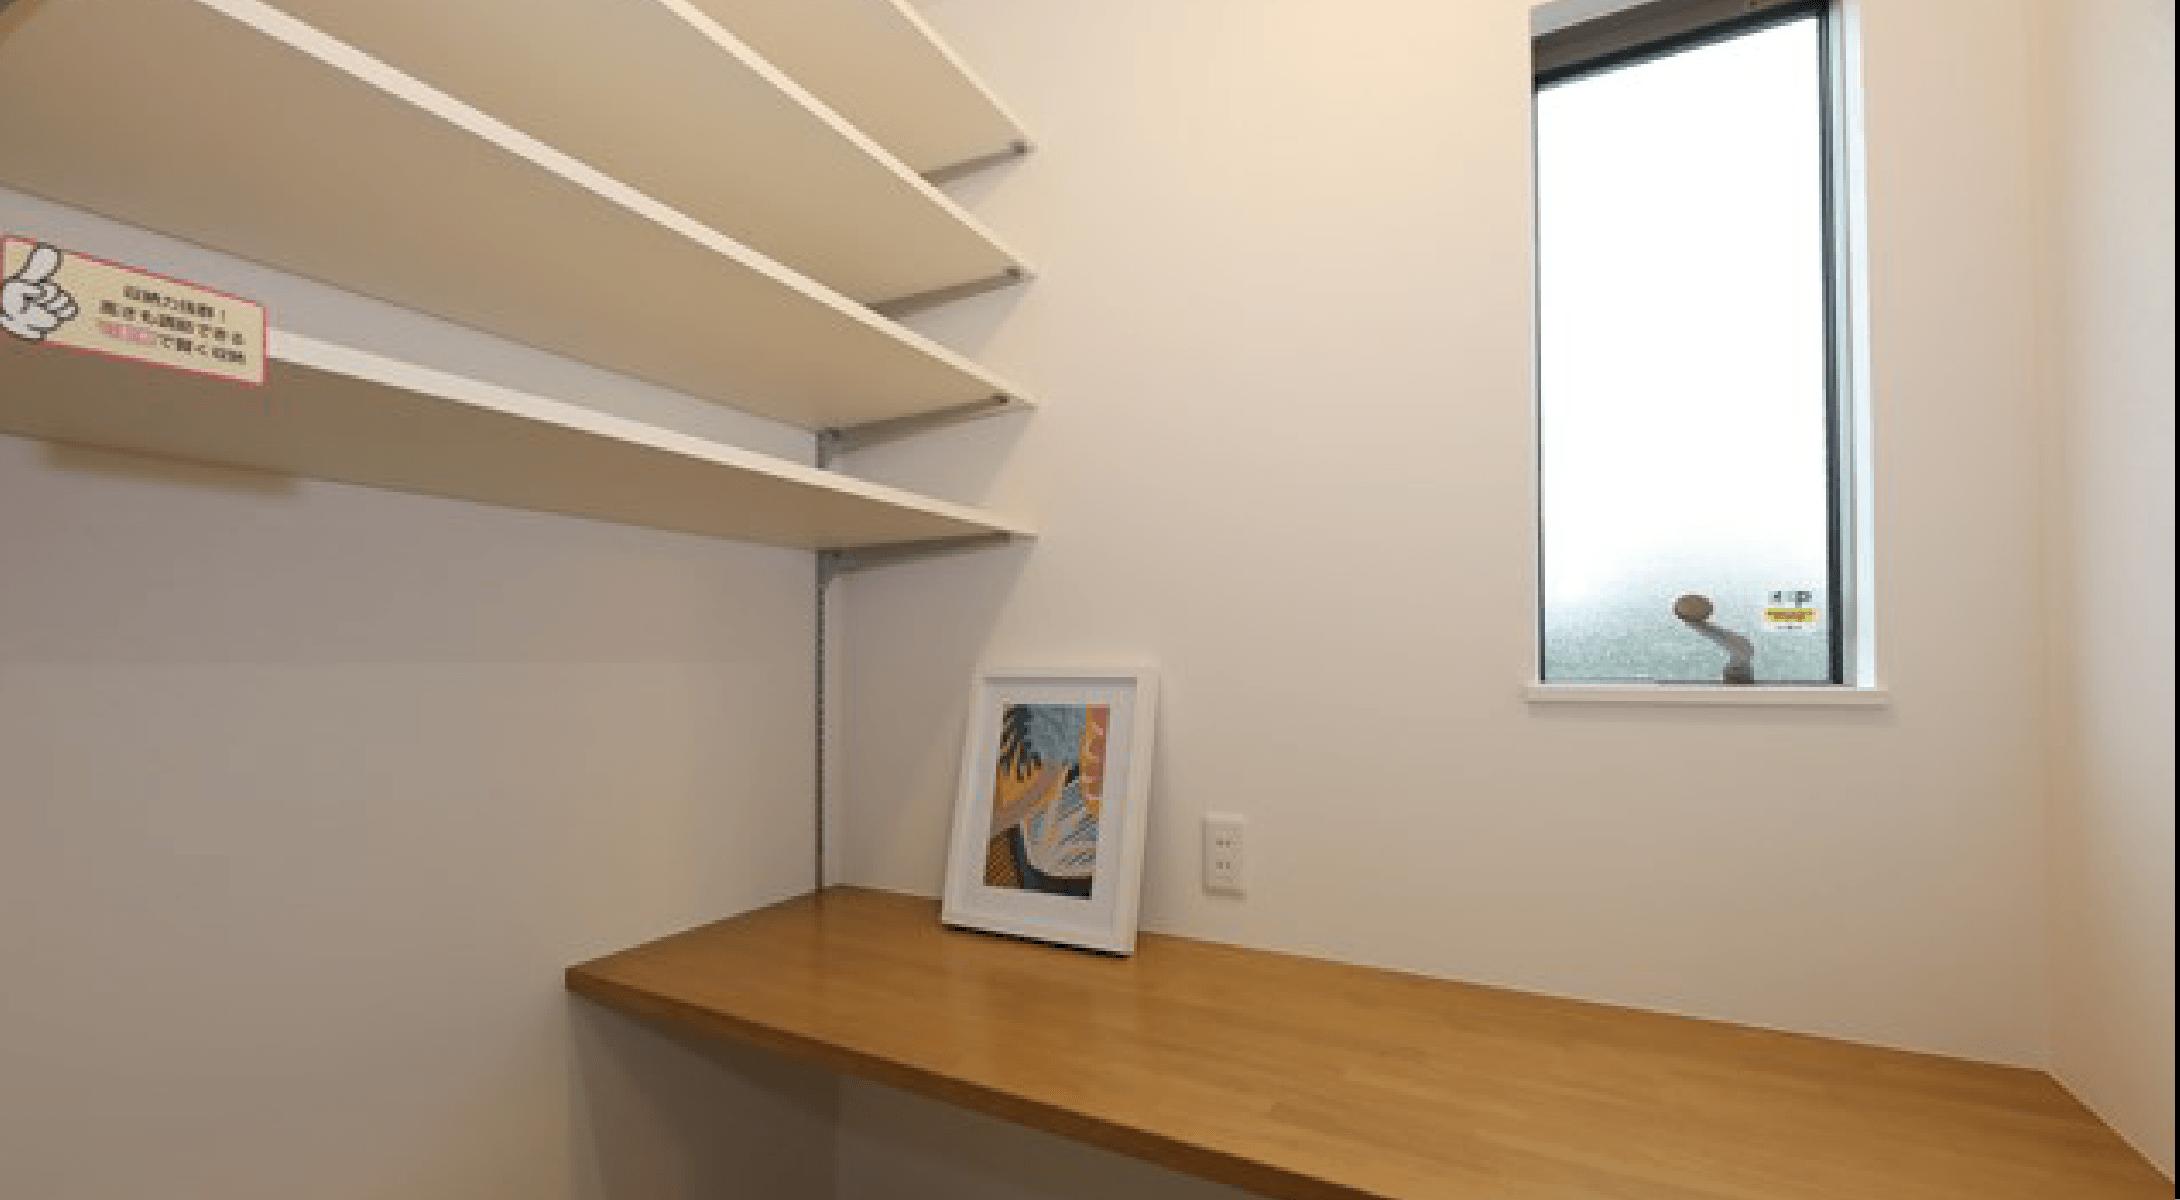 【当社施工例・家事室】間取りや仕様など実際と異なる場合がございます。